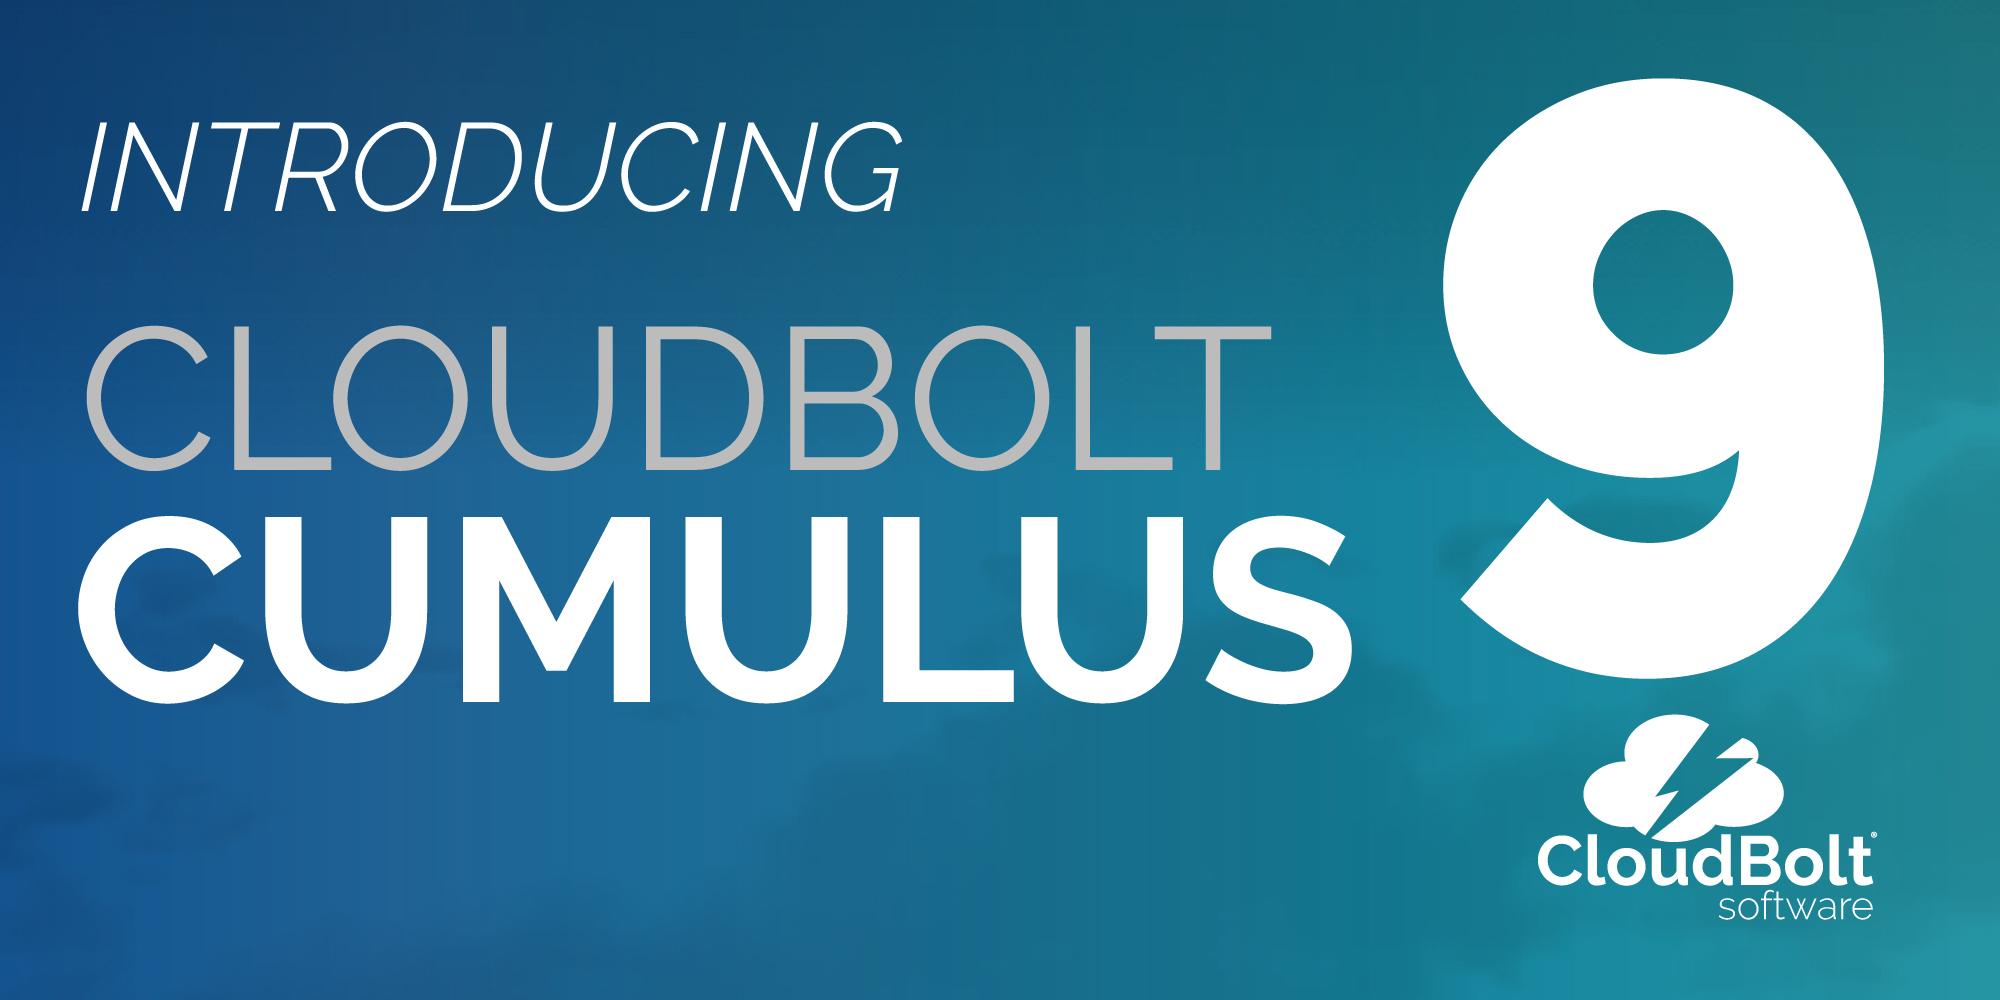 CloudBolt 9.0—Cumulus Webinar